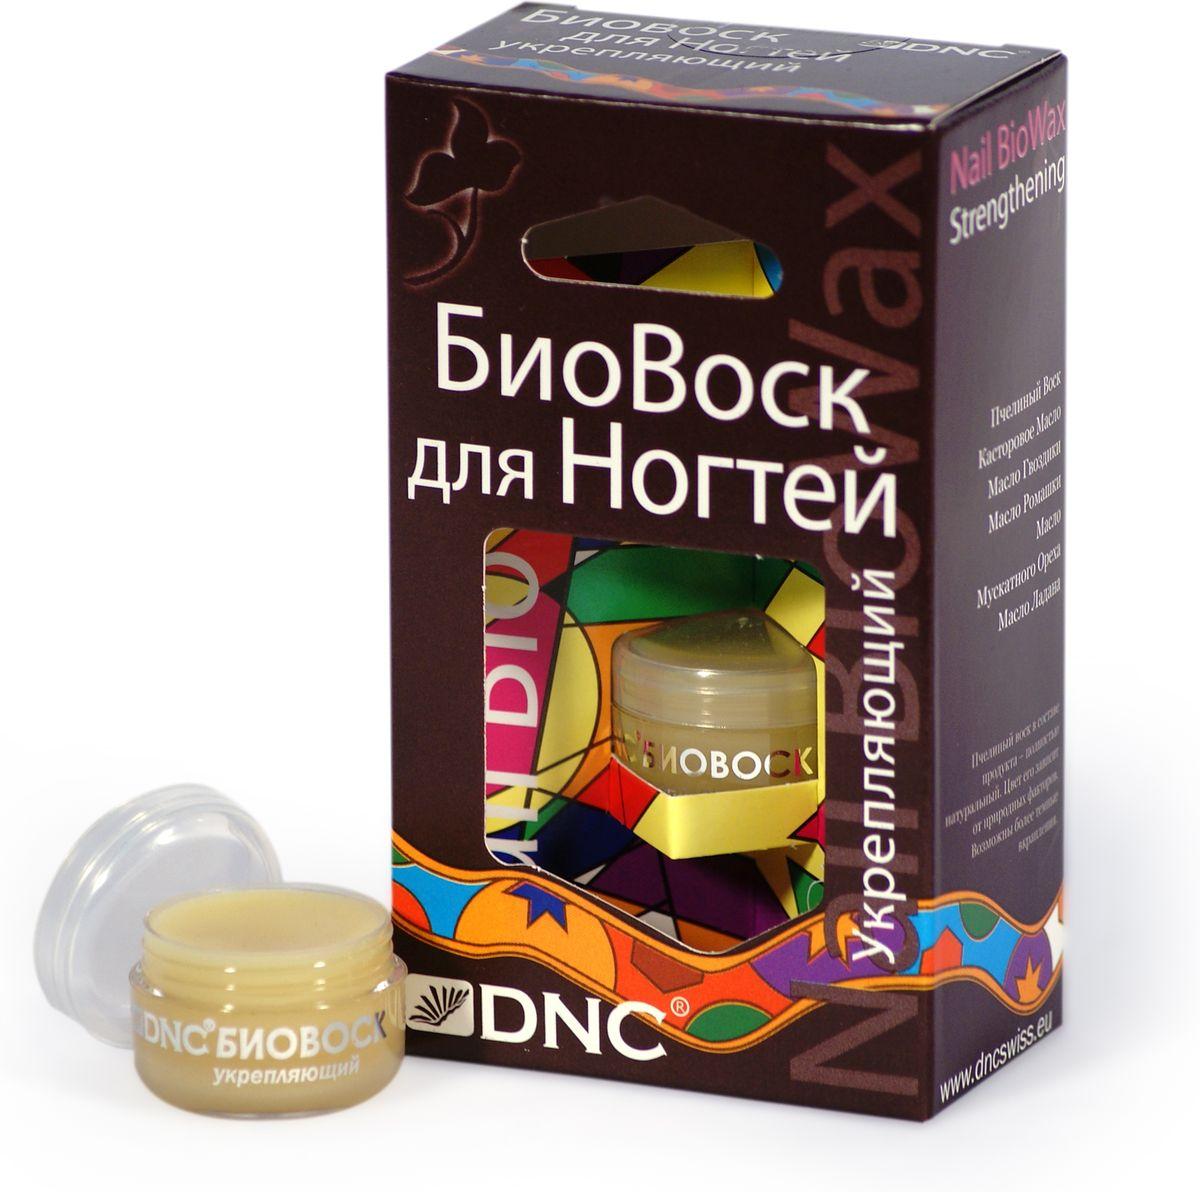 Биовоск для ногтей DNC, укрепляющий, 6 мл